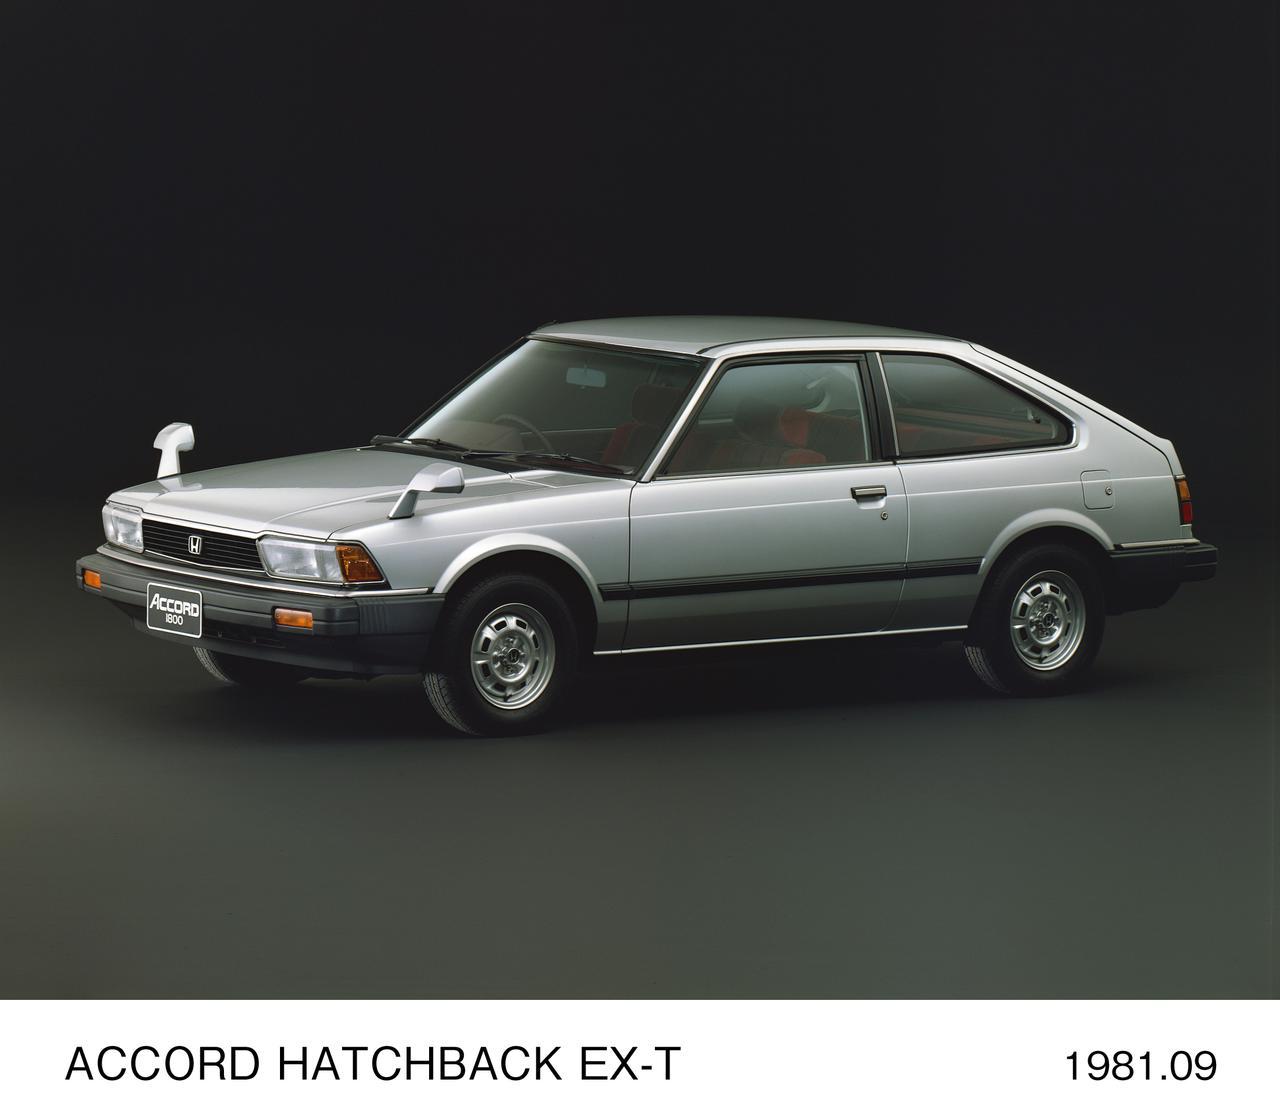 Images : 4番目の画像 - すべての画像を見る(クリックして拡大) - A Little Honda | ア・リトル・ホンダ(リトホン)